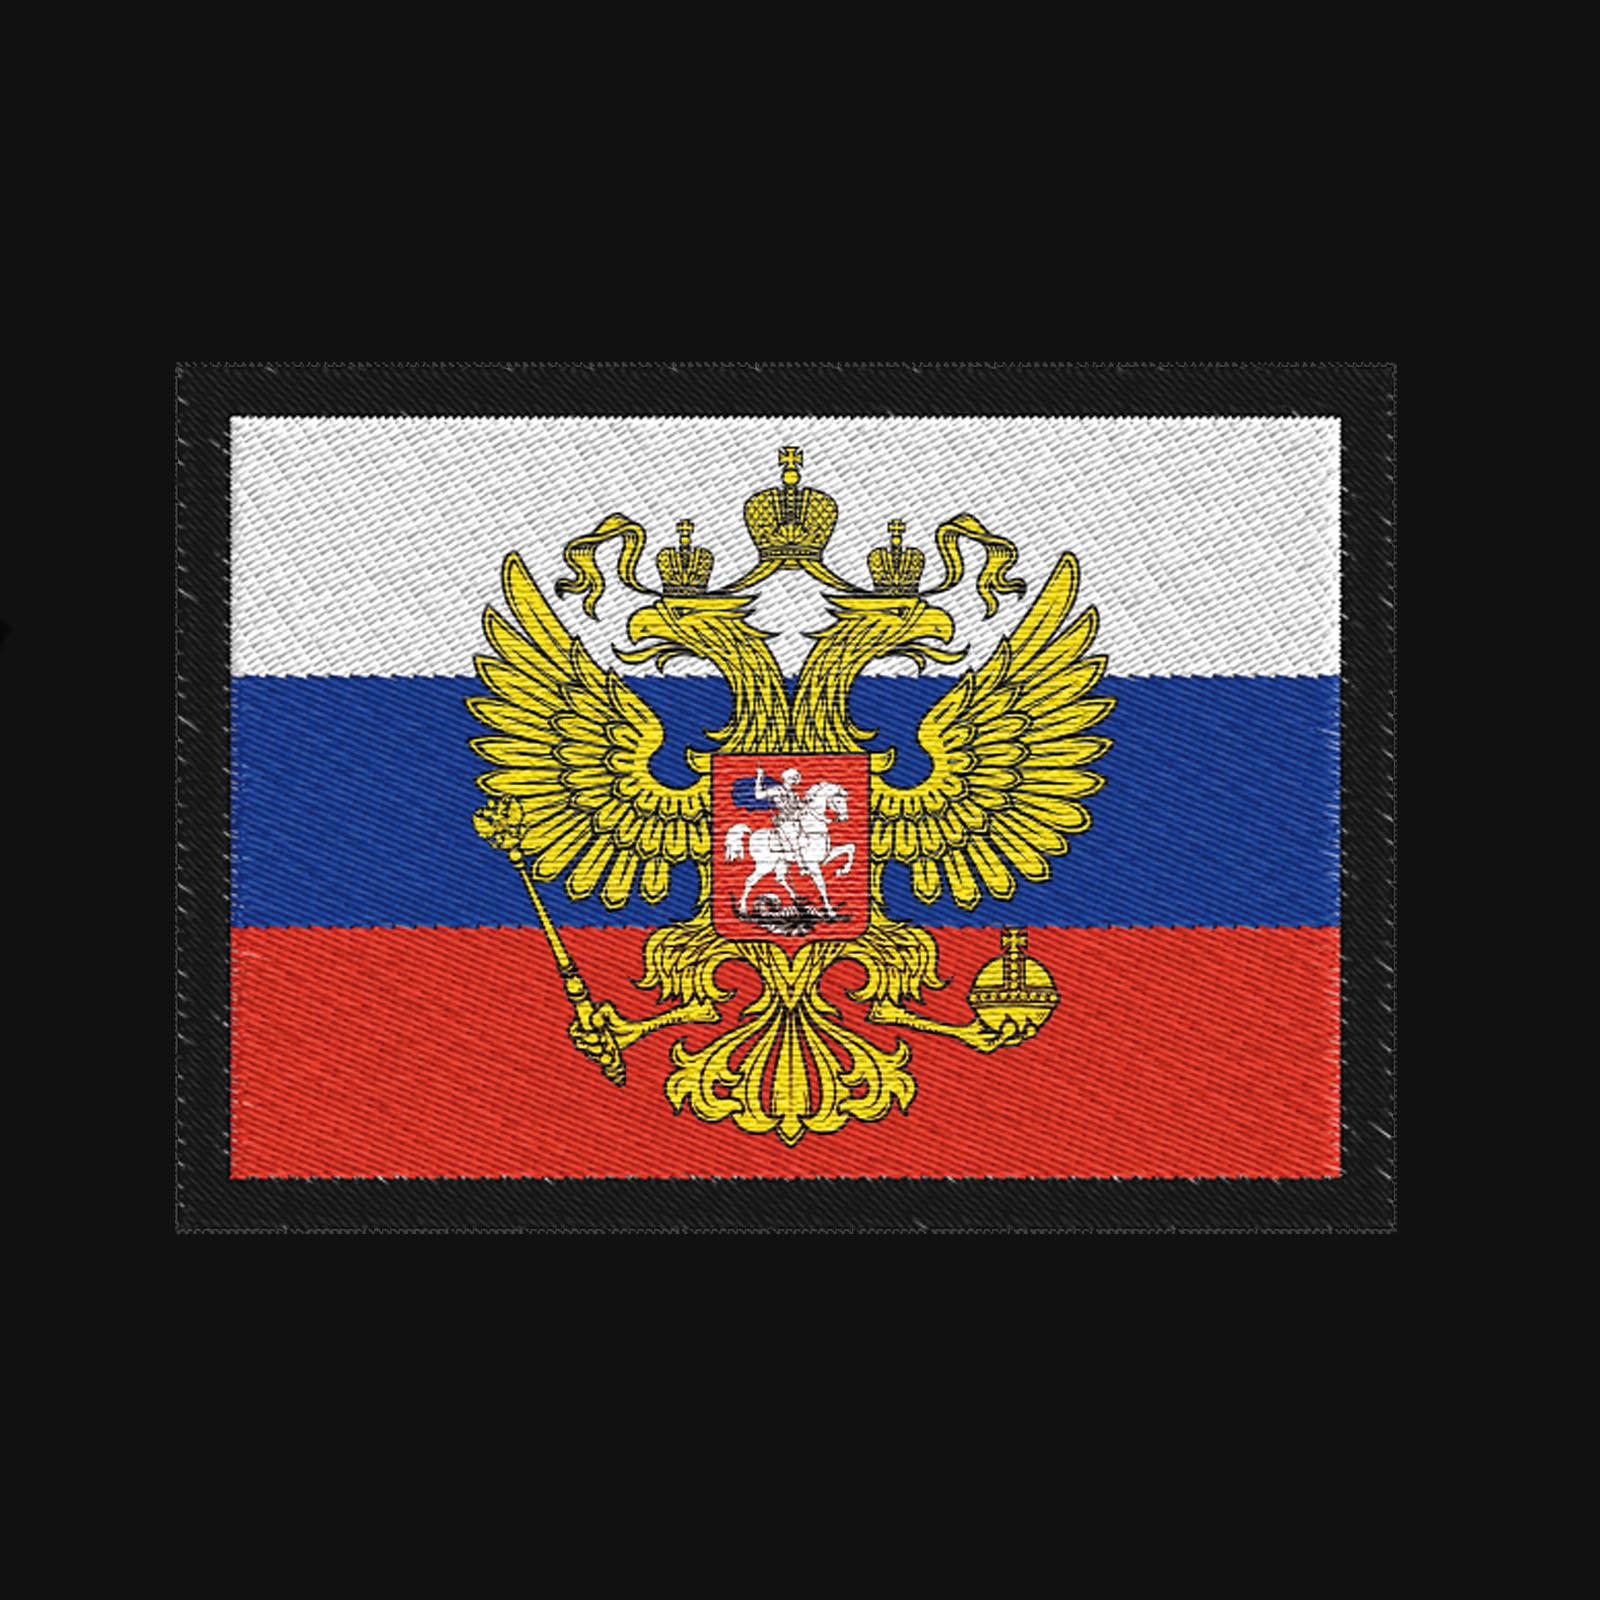 Классическая мужская толстовка с флагом РФ купить выгодно